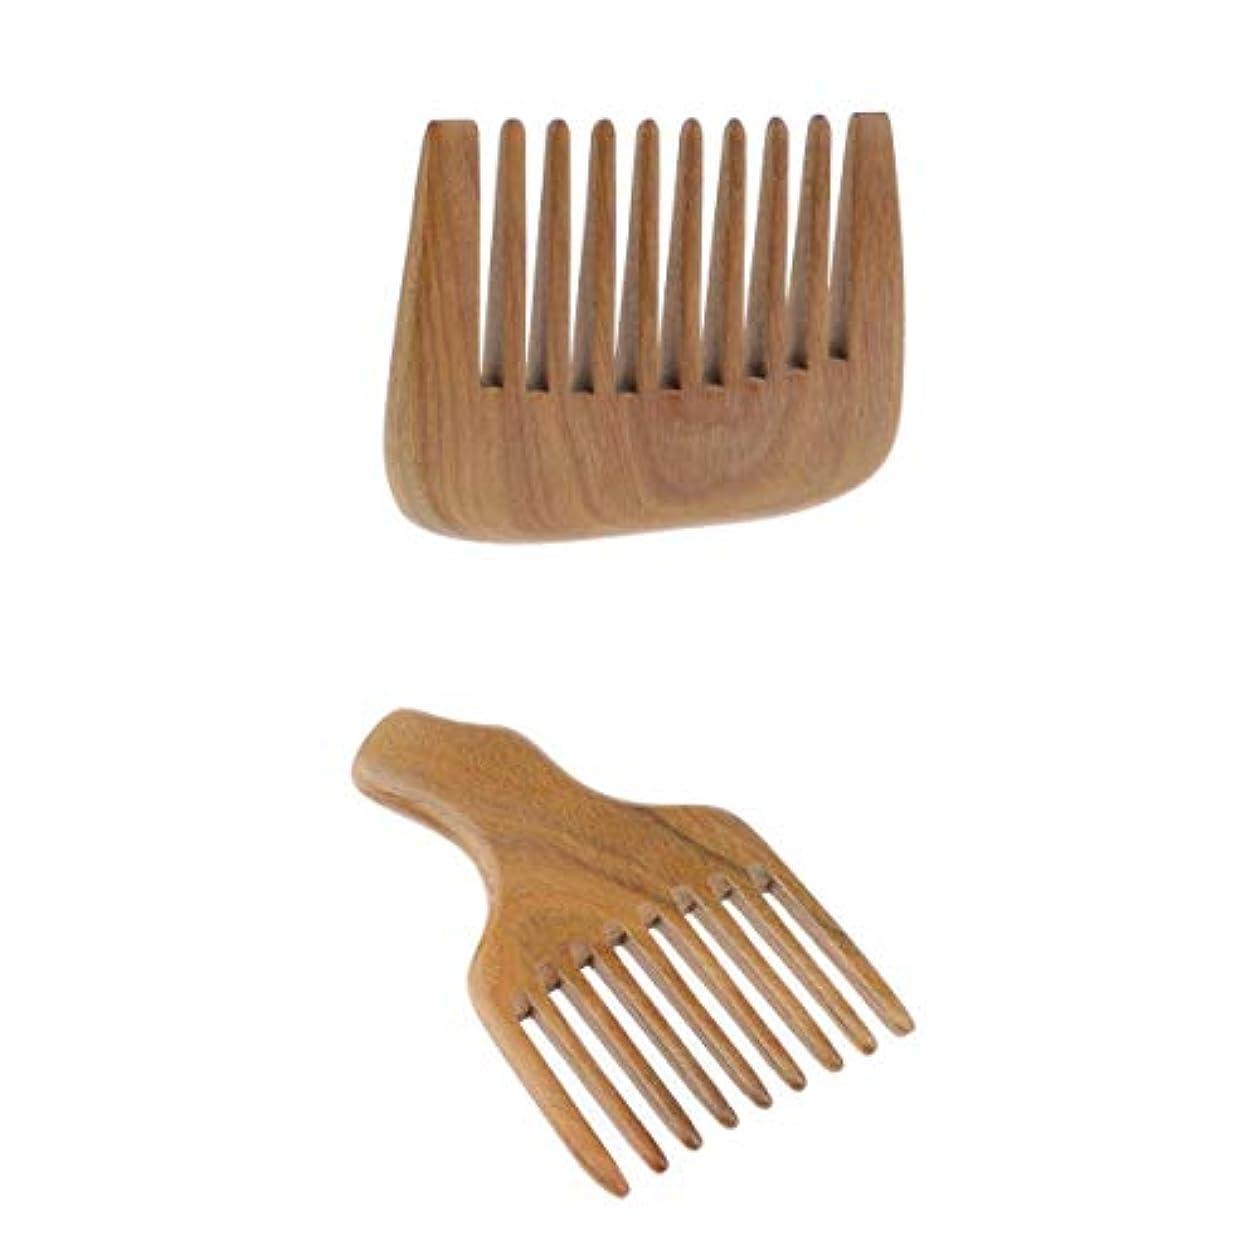 認識詳細なキャップT TOOYFUL 2個 ウッドコーム 歯櫛 ヘアブラシ アンチスタティック グリーン サンダルウッド 木製櫛 静電防止